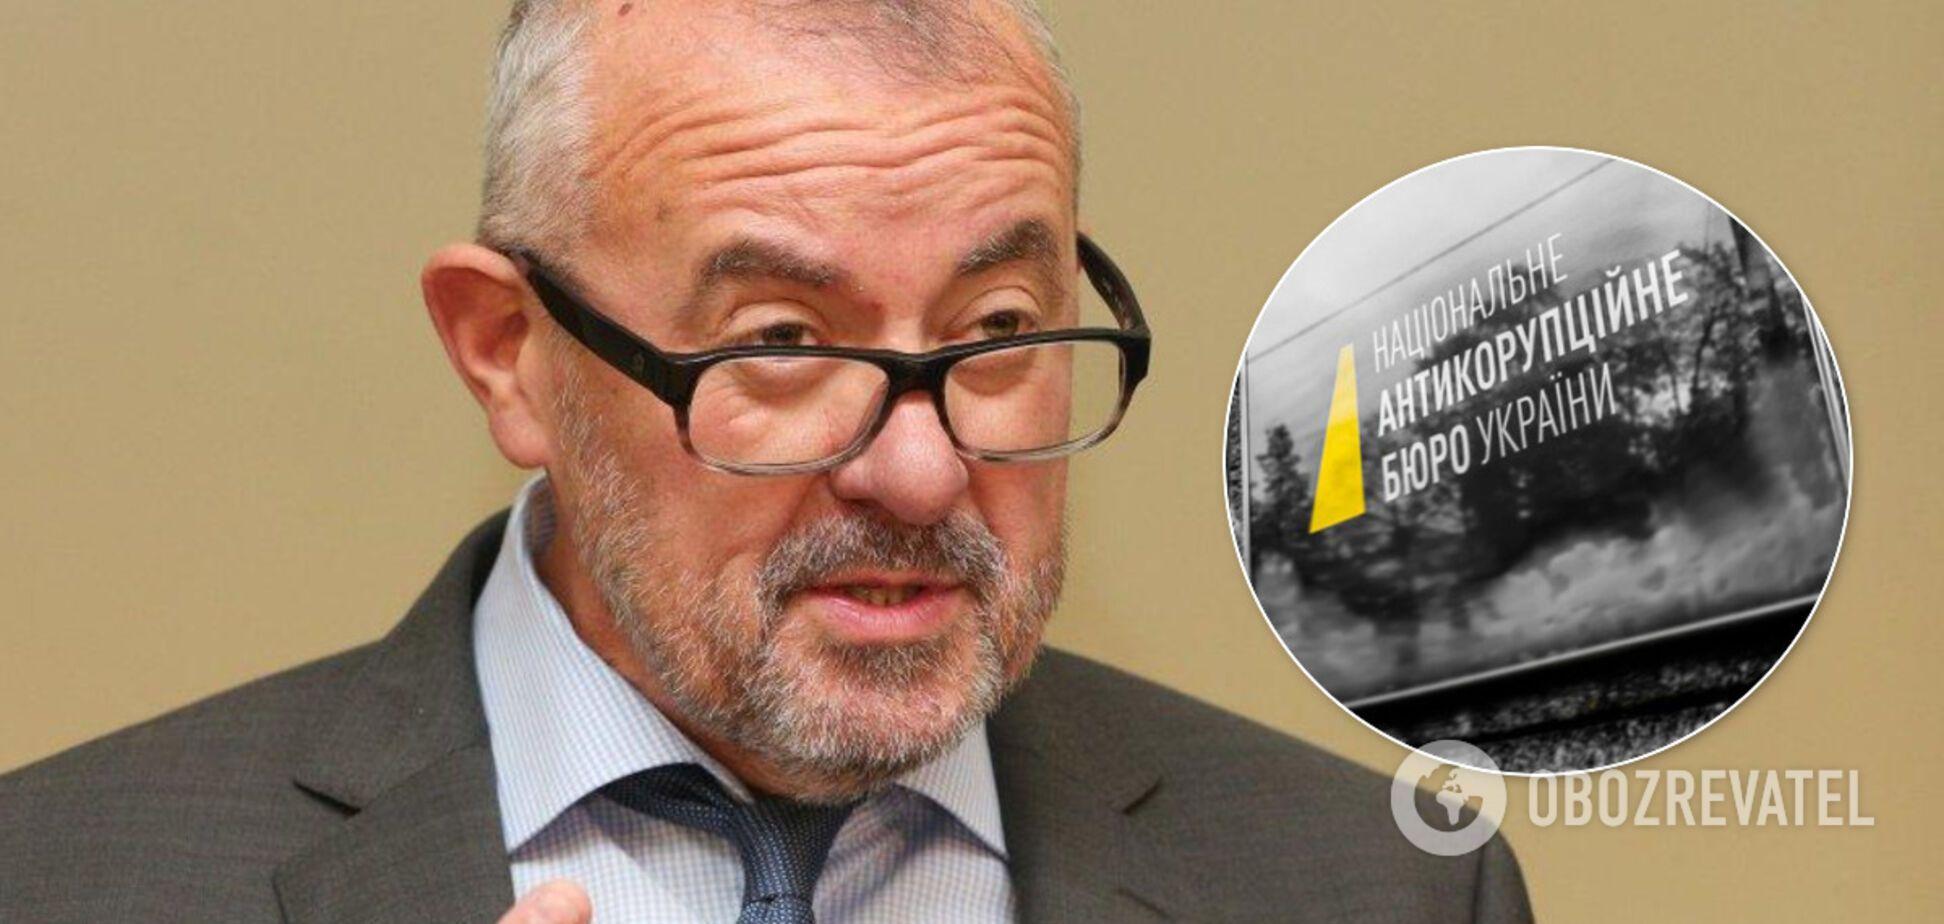 Майже 1 млн за житло: НАБУ запідозрило екснардепа Березкіна в афері з компенсаціями від Ради